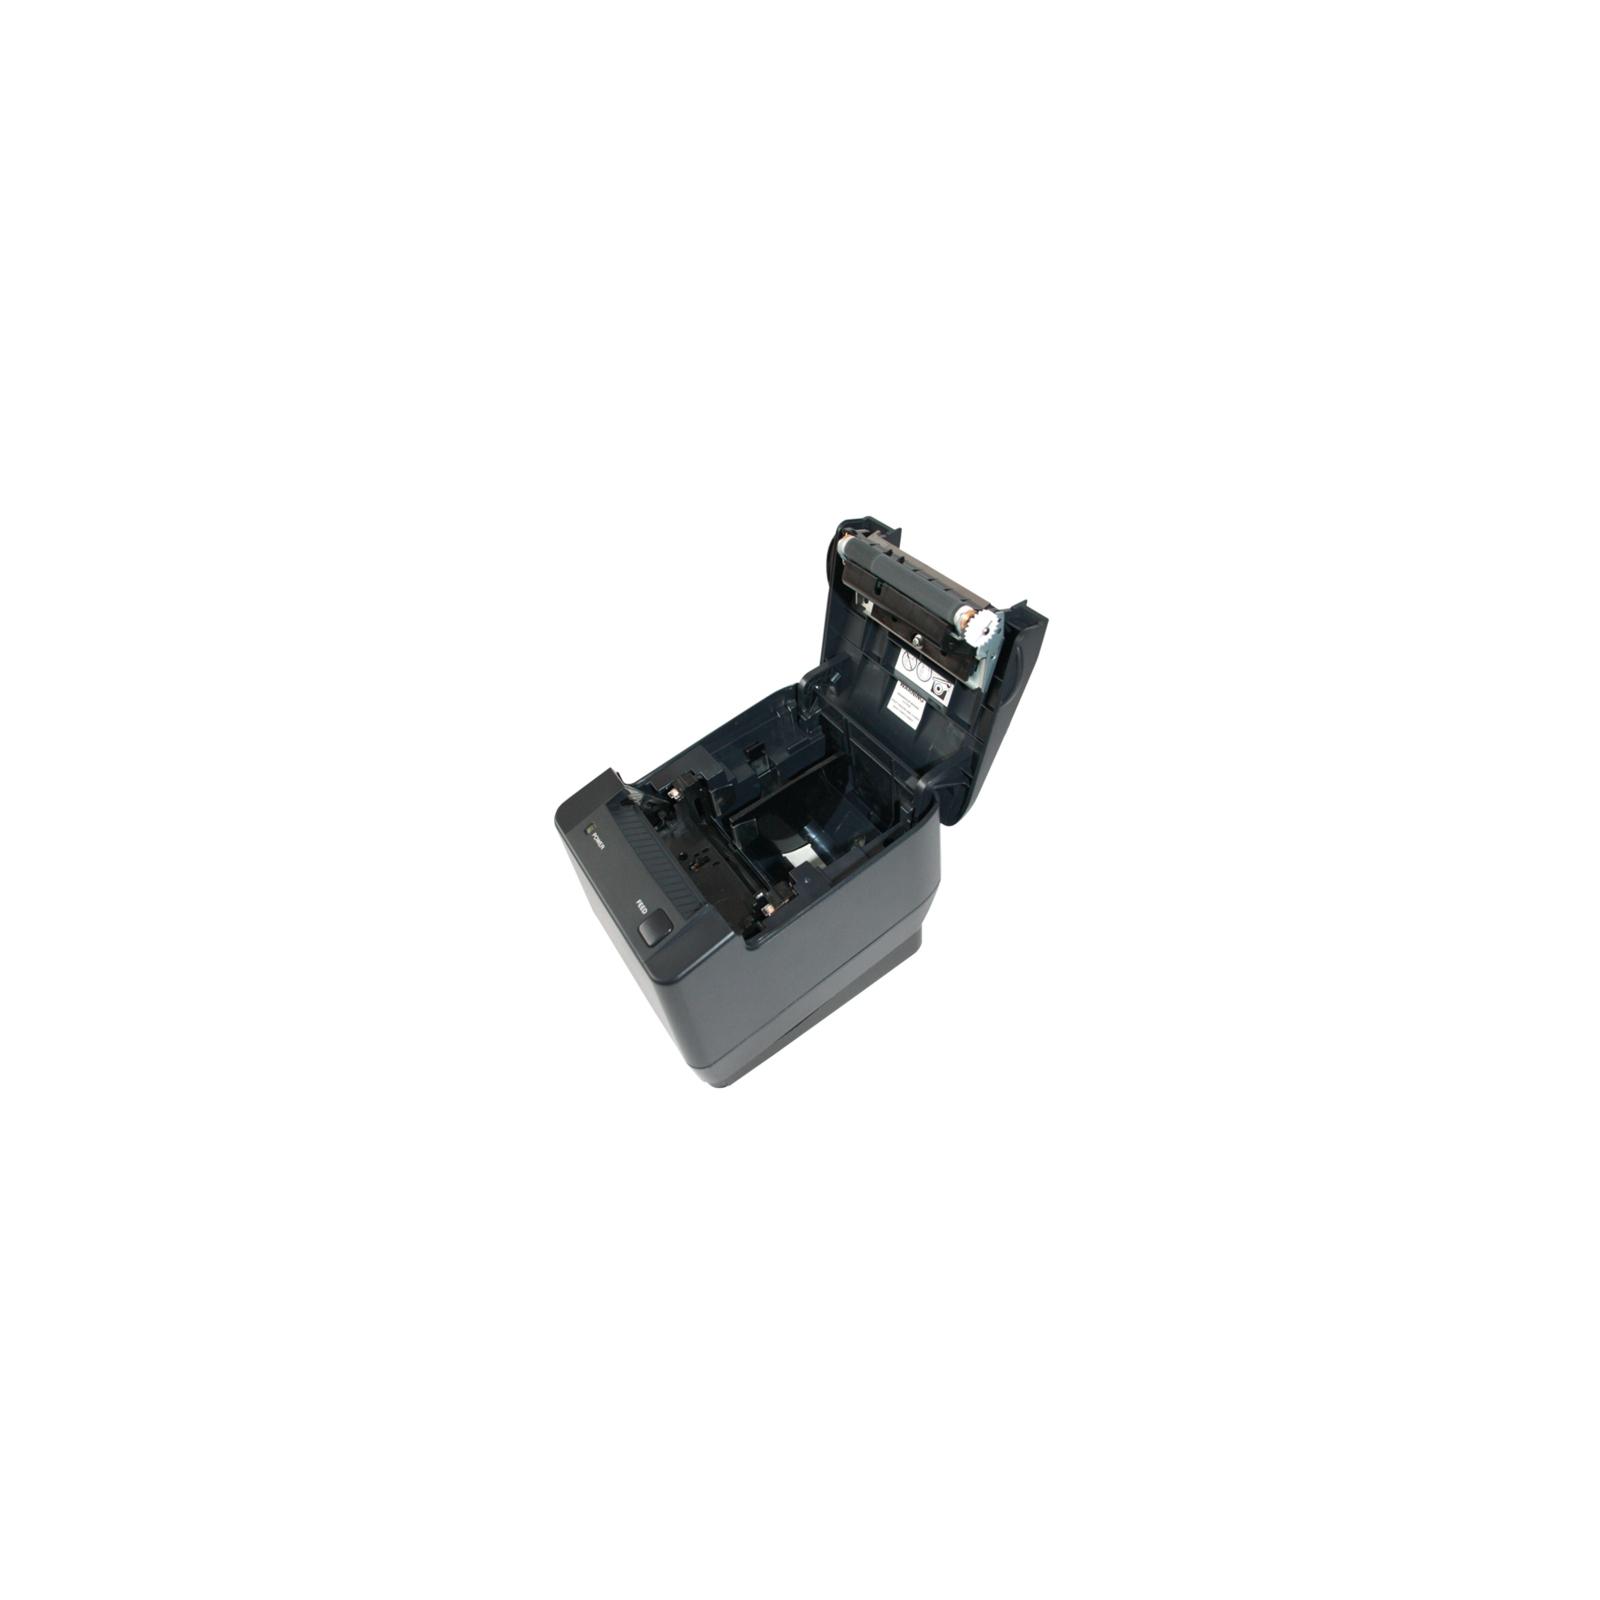 Фискальный регистратор Гера MG T808-TL с БП изображение 2